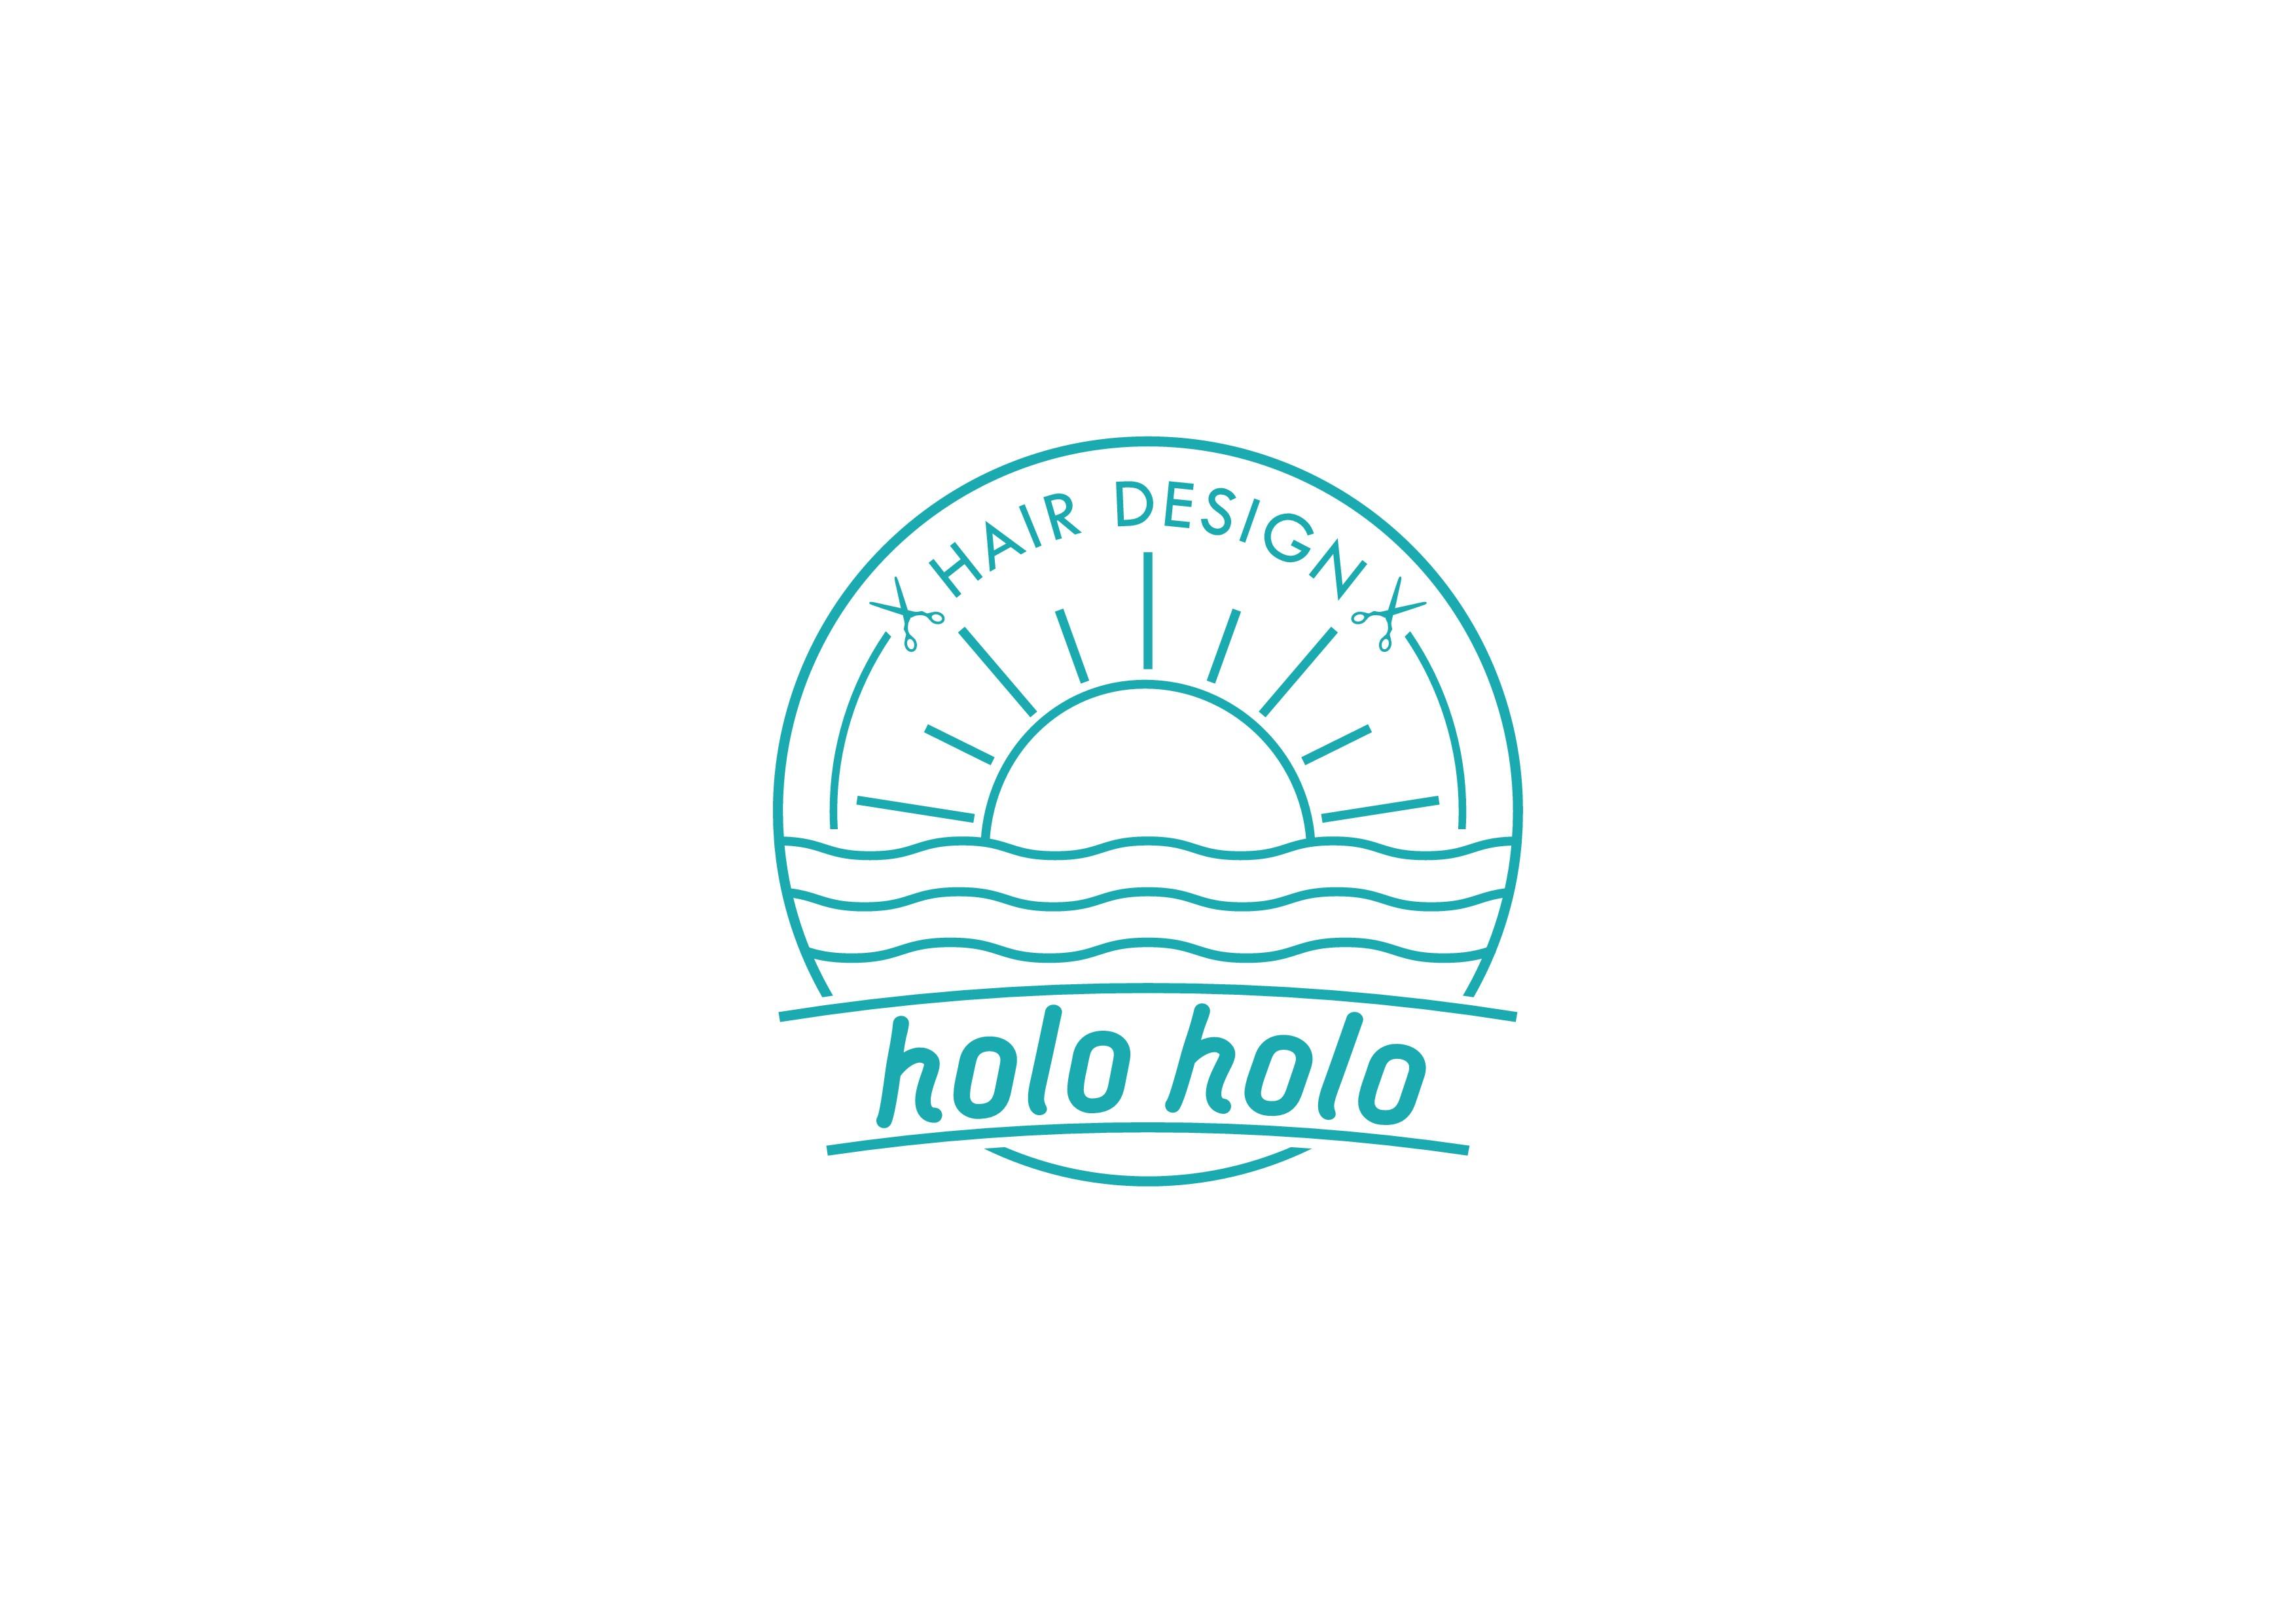 holo holo Hair Designのためにシンプルかつ印象に残るセンスのいいデザインをお願いします。